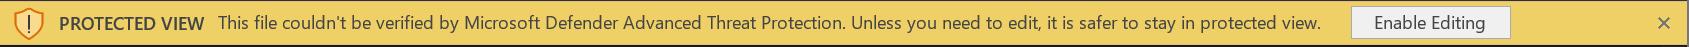 Captura de tela da barra de trabalho do MDATP se ocorrer um erro ao digitalizar o arquivo